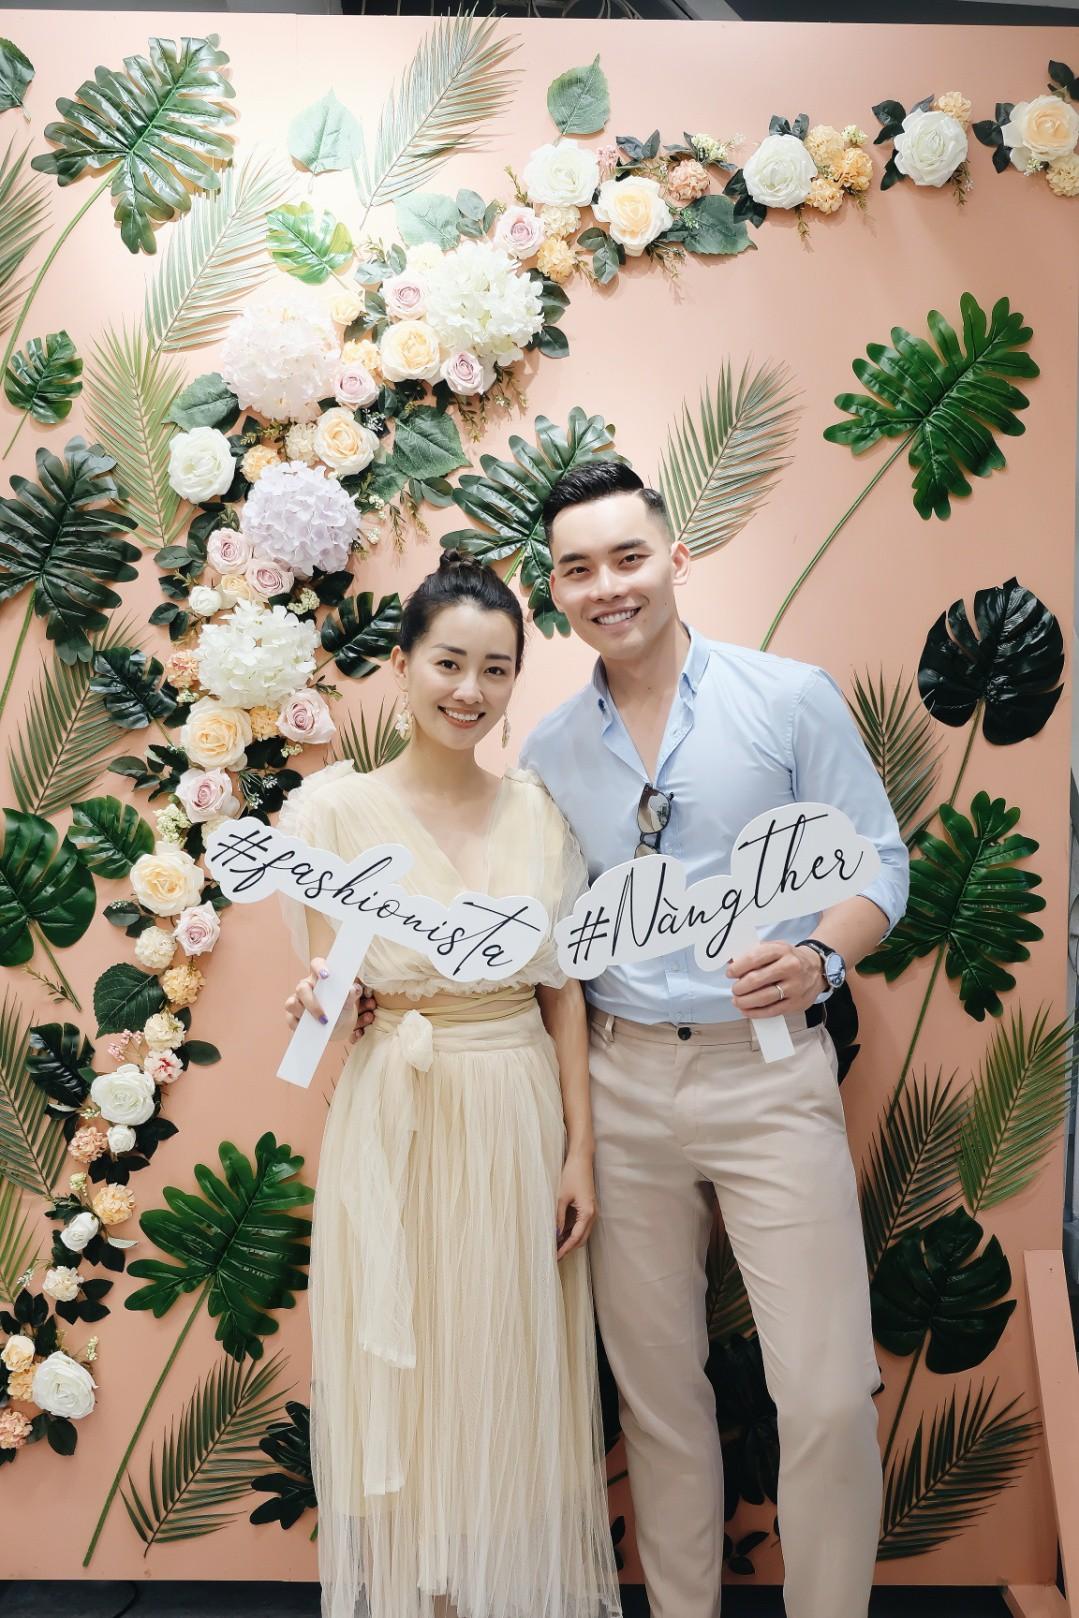 MC Quỳnh Chi ra mắt thương hiệu thời trang Ther Design - Ảnh 5.